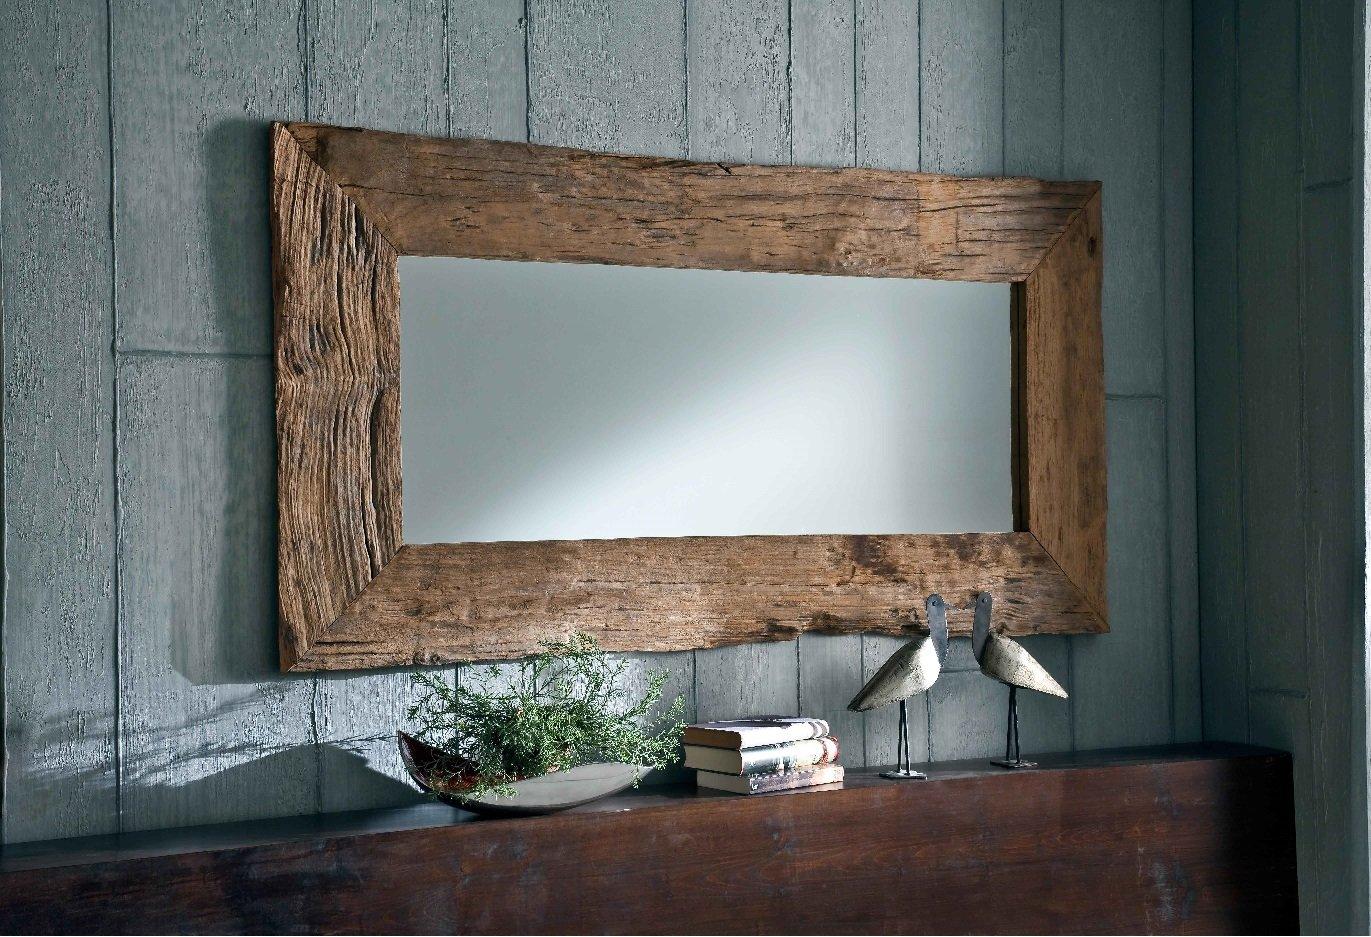 NATUR UNIKAT Wandspiegel massiv Teak Holz Spiegel Altholz edel 150cm Antik Style  Kundenbewertung und weitere Informationen